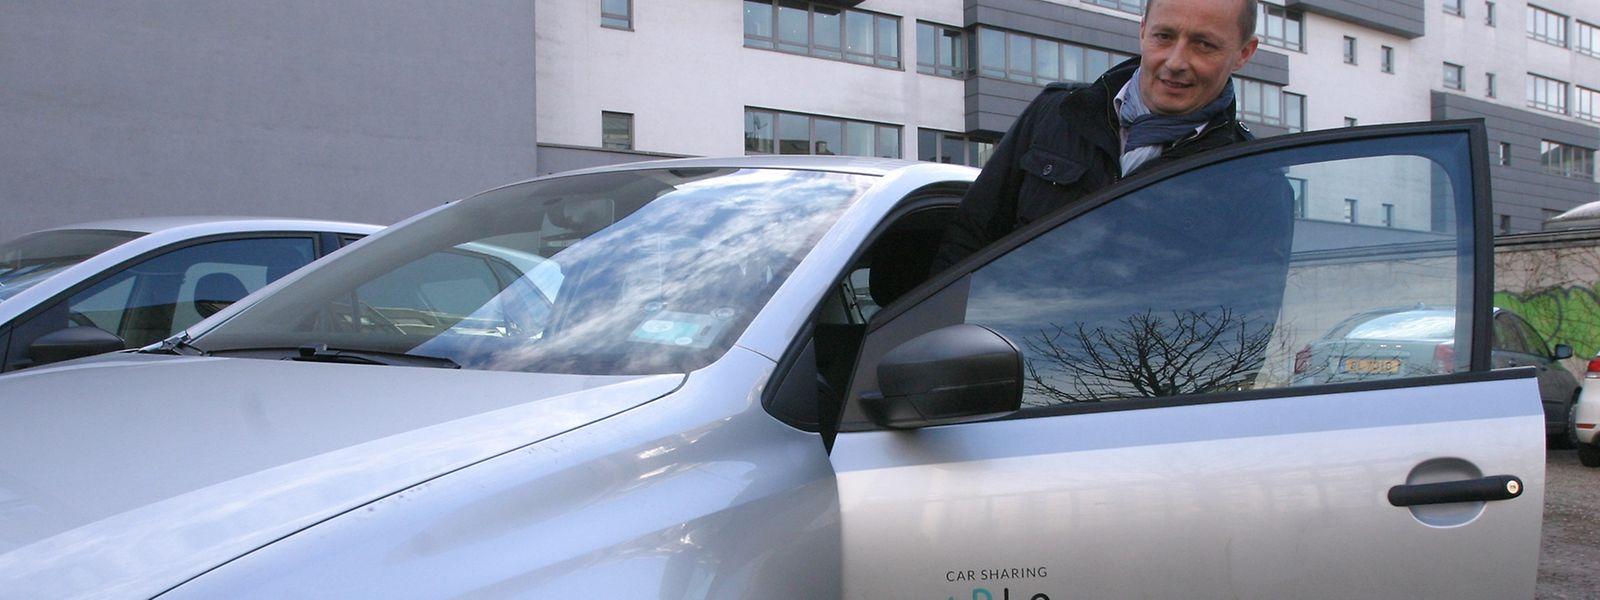 En moyenne, un client de Carloh couvre 44 km et dépense 81 euros par mois pour disposer d'une voiture quand il le souhaite.